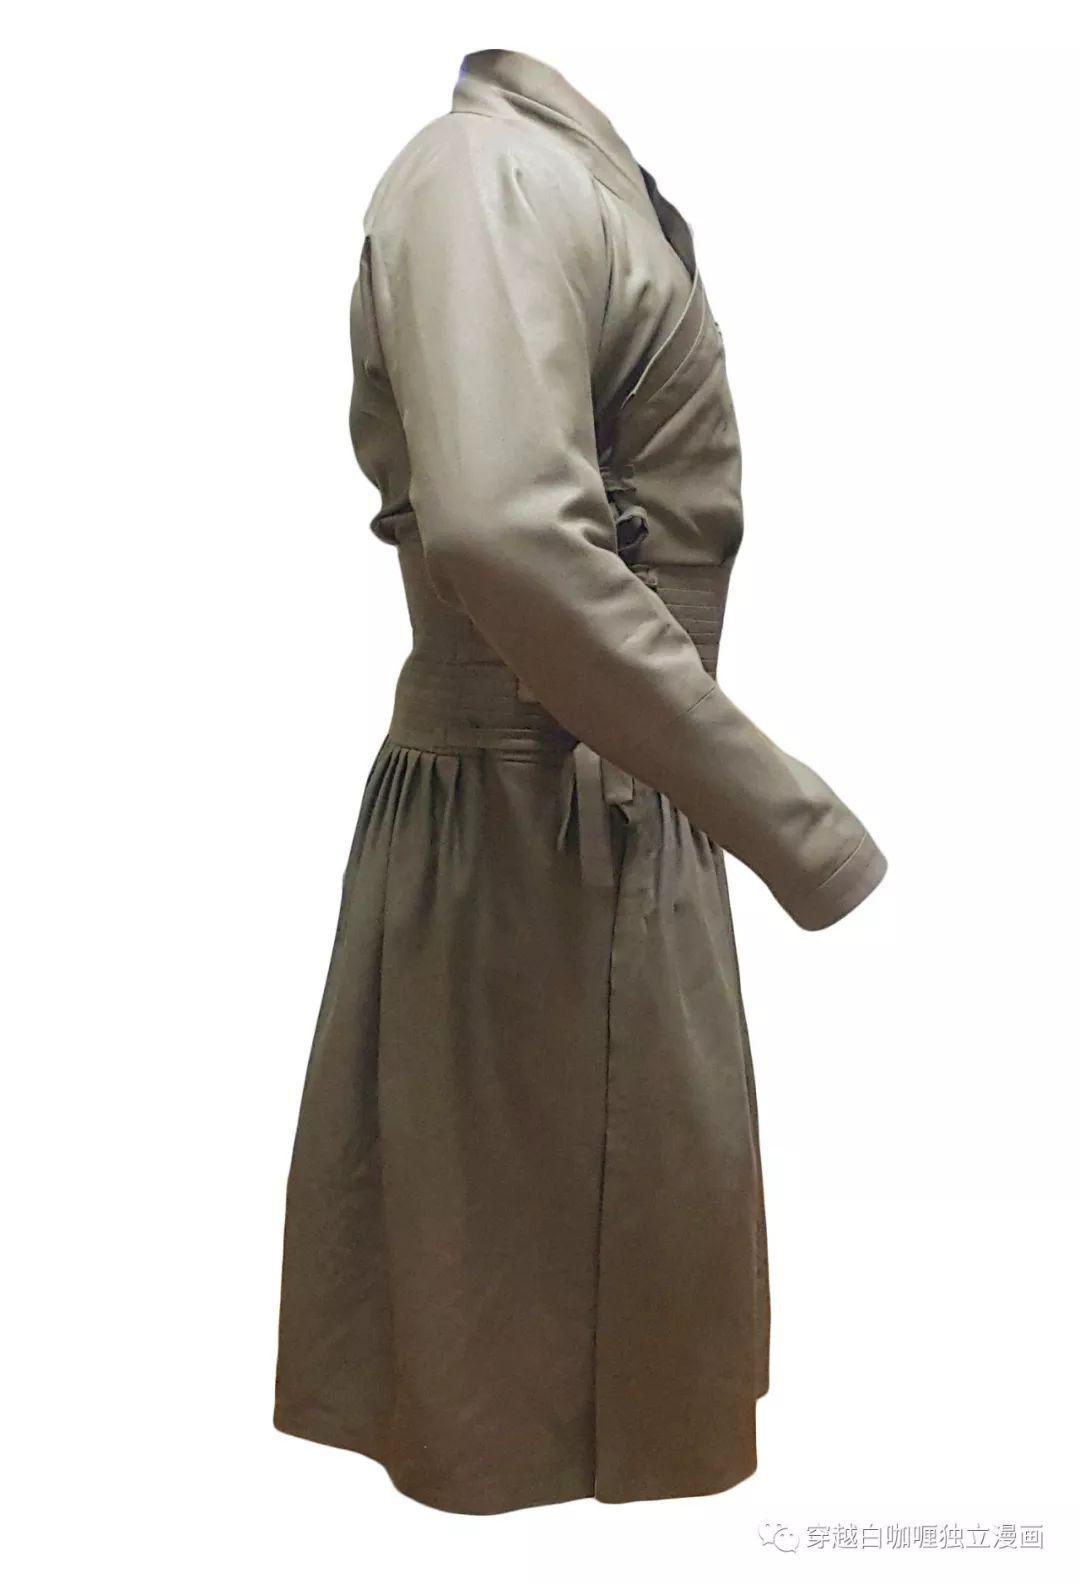 【蒙古文化】什么是蒙古袍? ᠳᠡᠪᠡᠯᠤᠨ ᠲᠤᠬᠠᠢ 第5张 【蒙古文化】什么是蒙古袍? ᠳᠡᠪᠡᠯᠤᠨ ᠲᠤᠬᠠᠢ 蒙古服饰